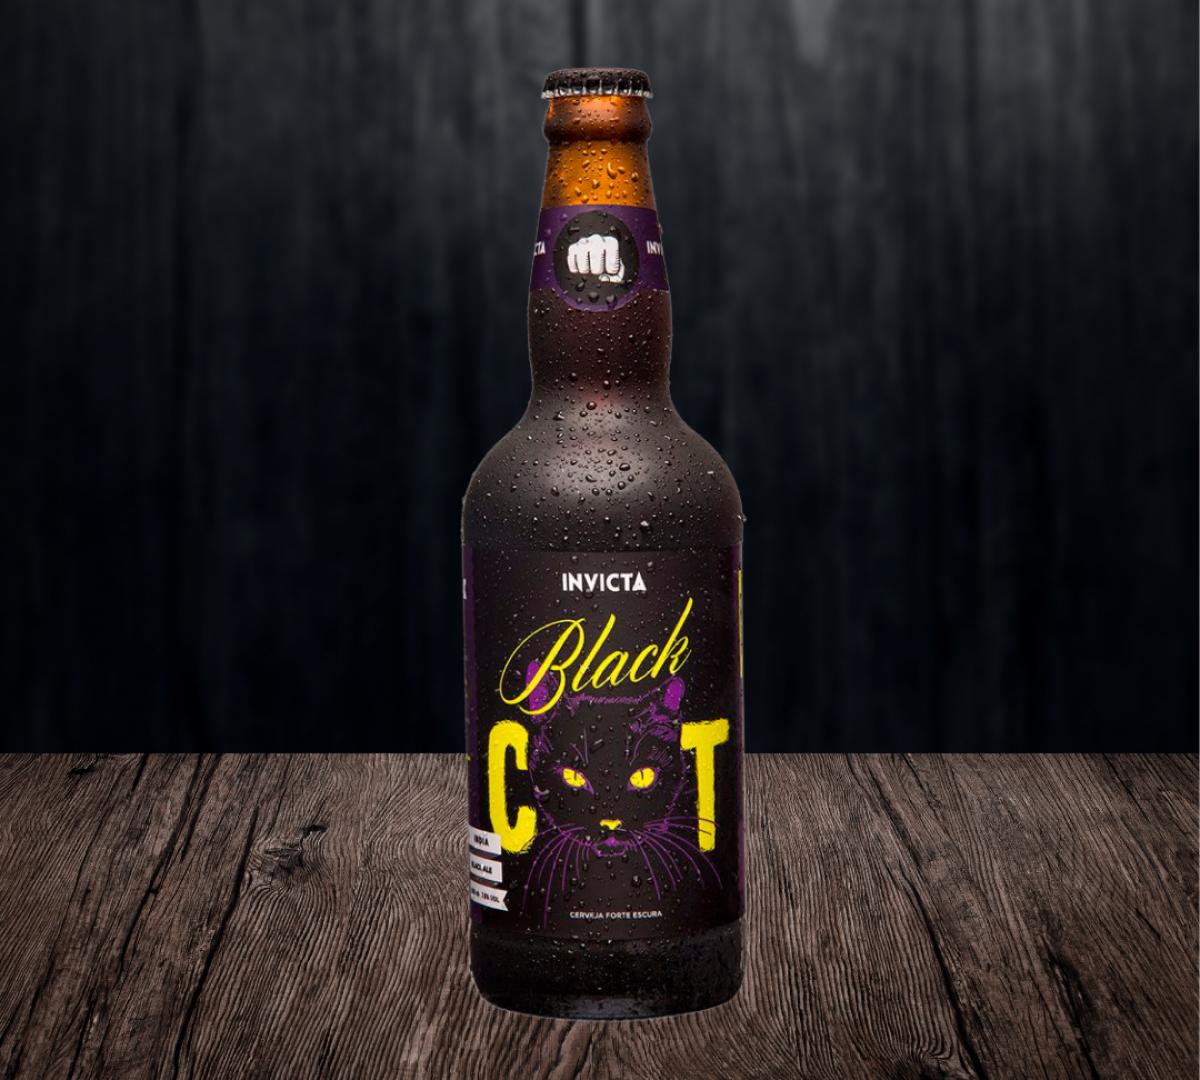 Invicta Black Cat